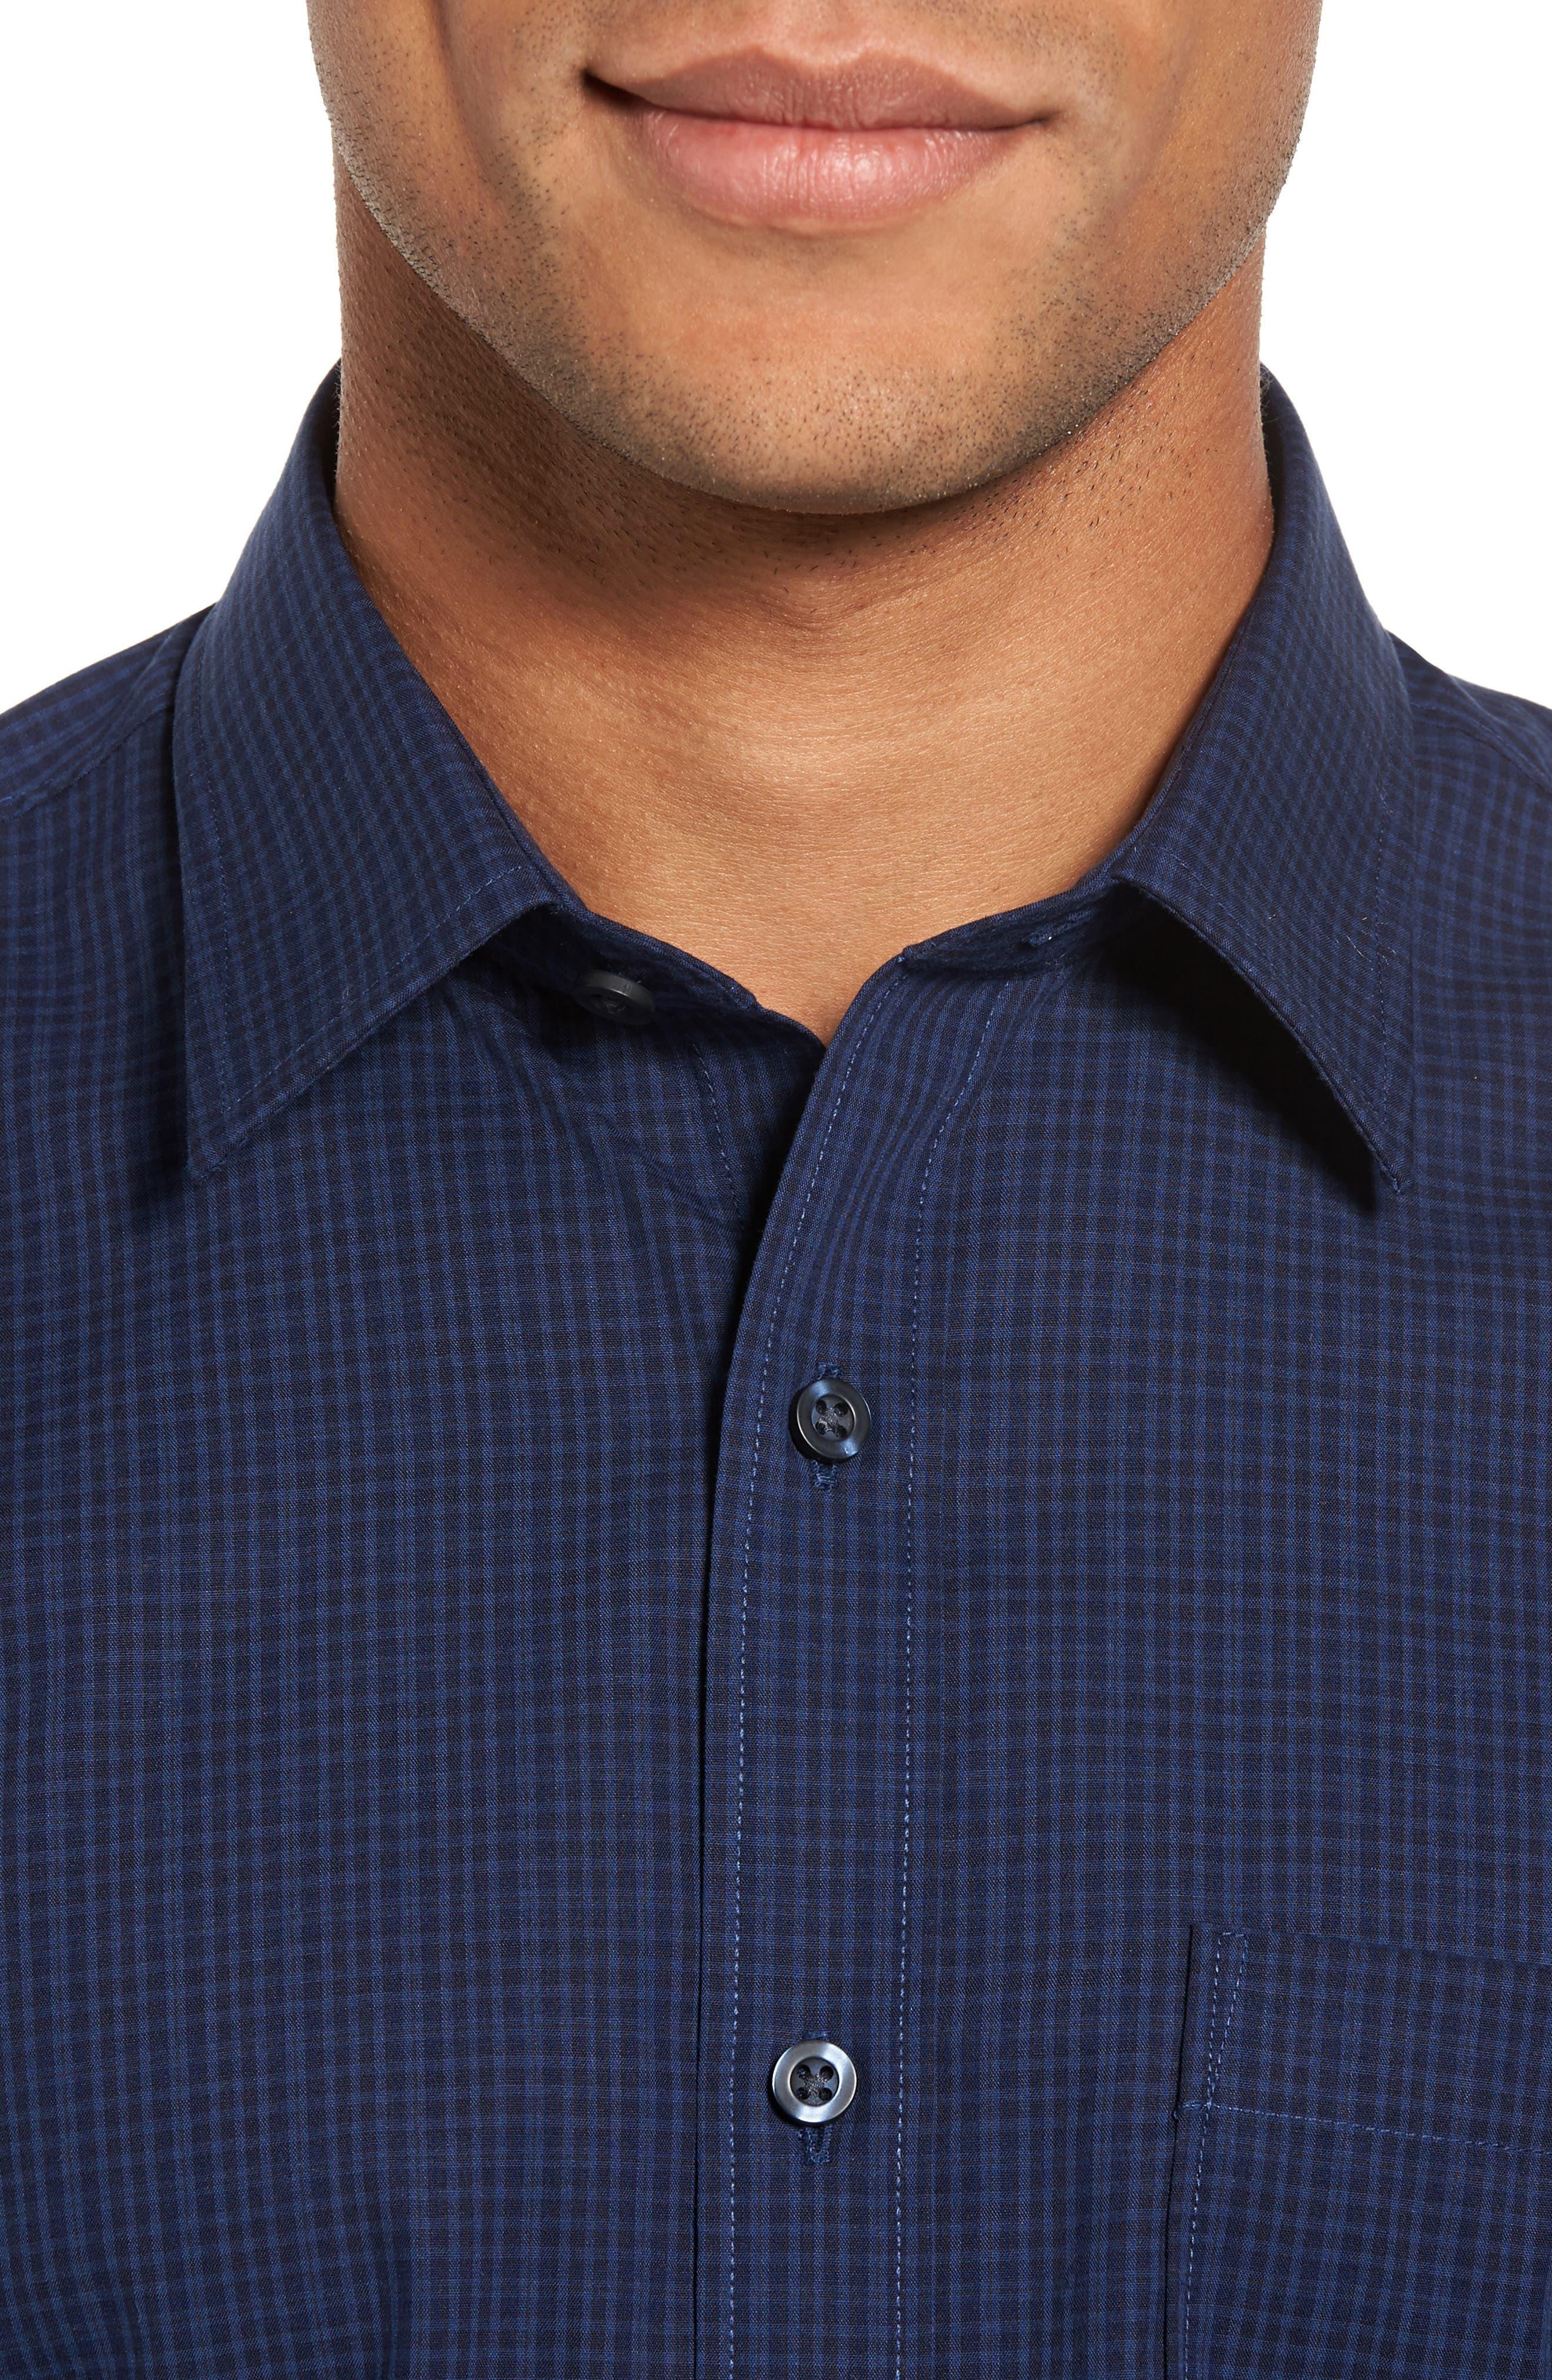 Trim Fit Non-Iron Mini Check Sport Shirt,                             Alternate thumbnail 4, color,                             410